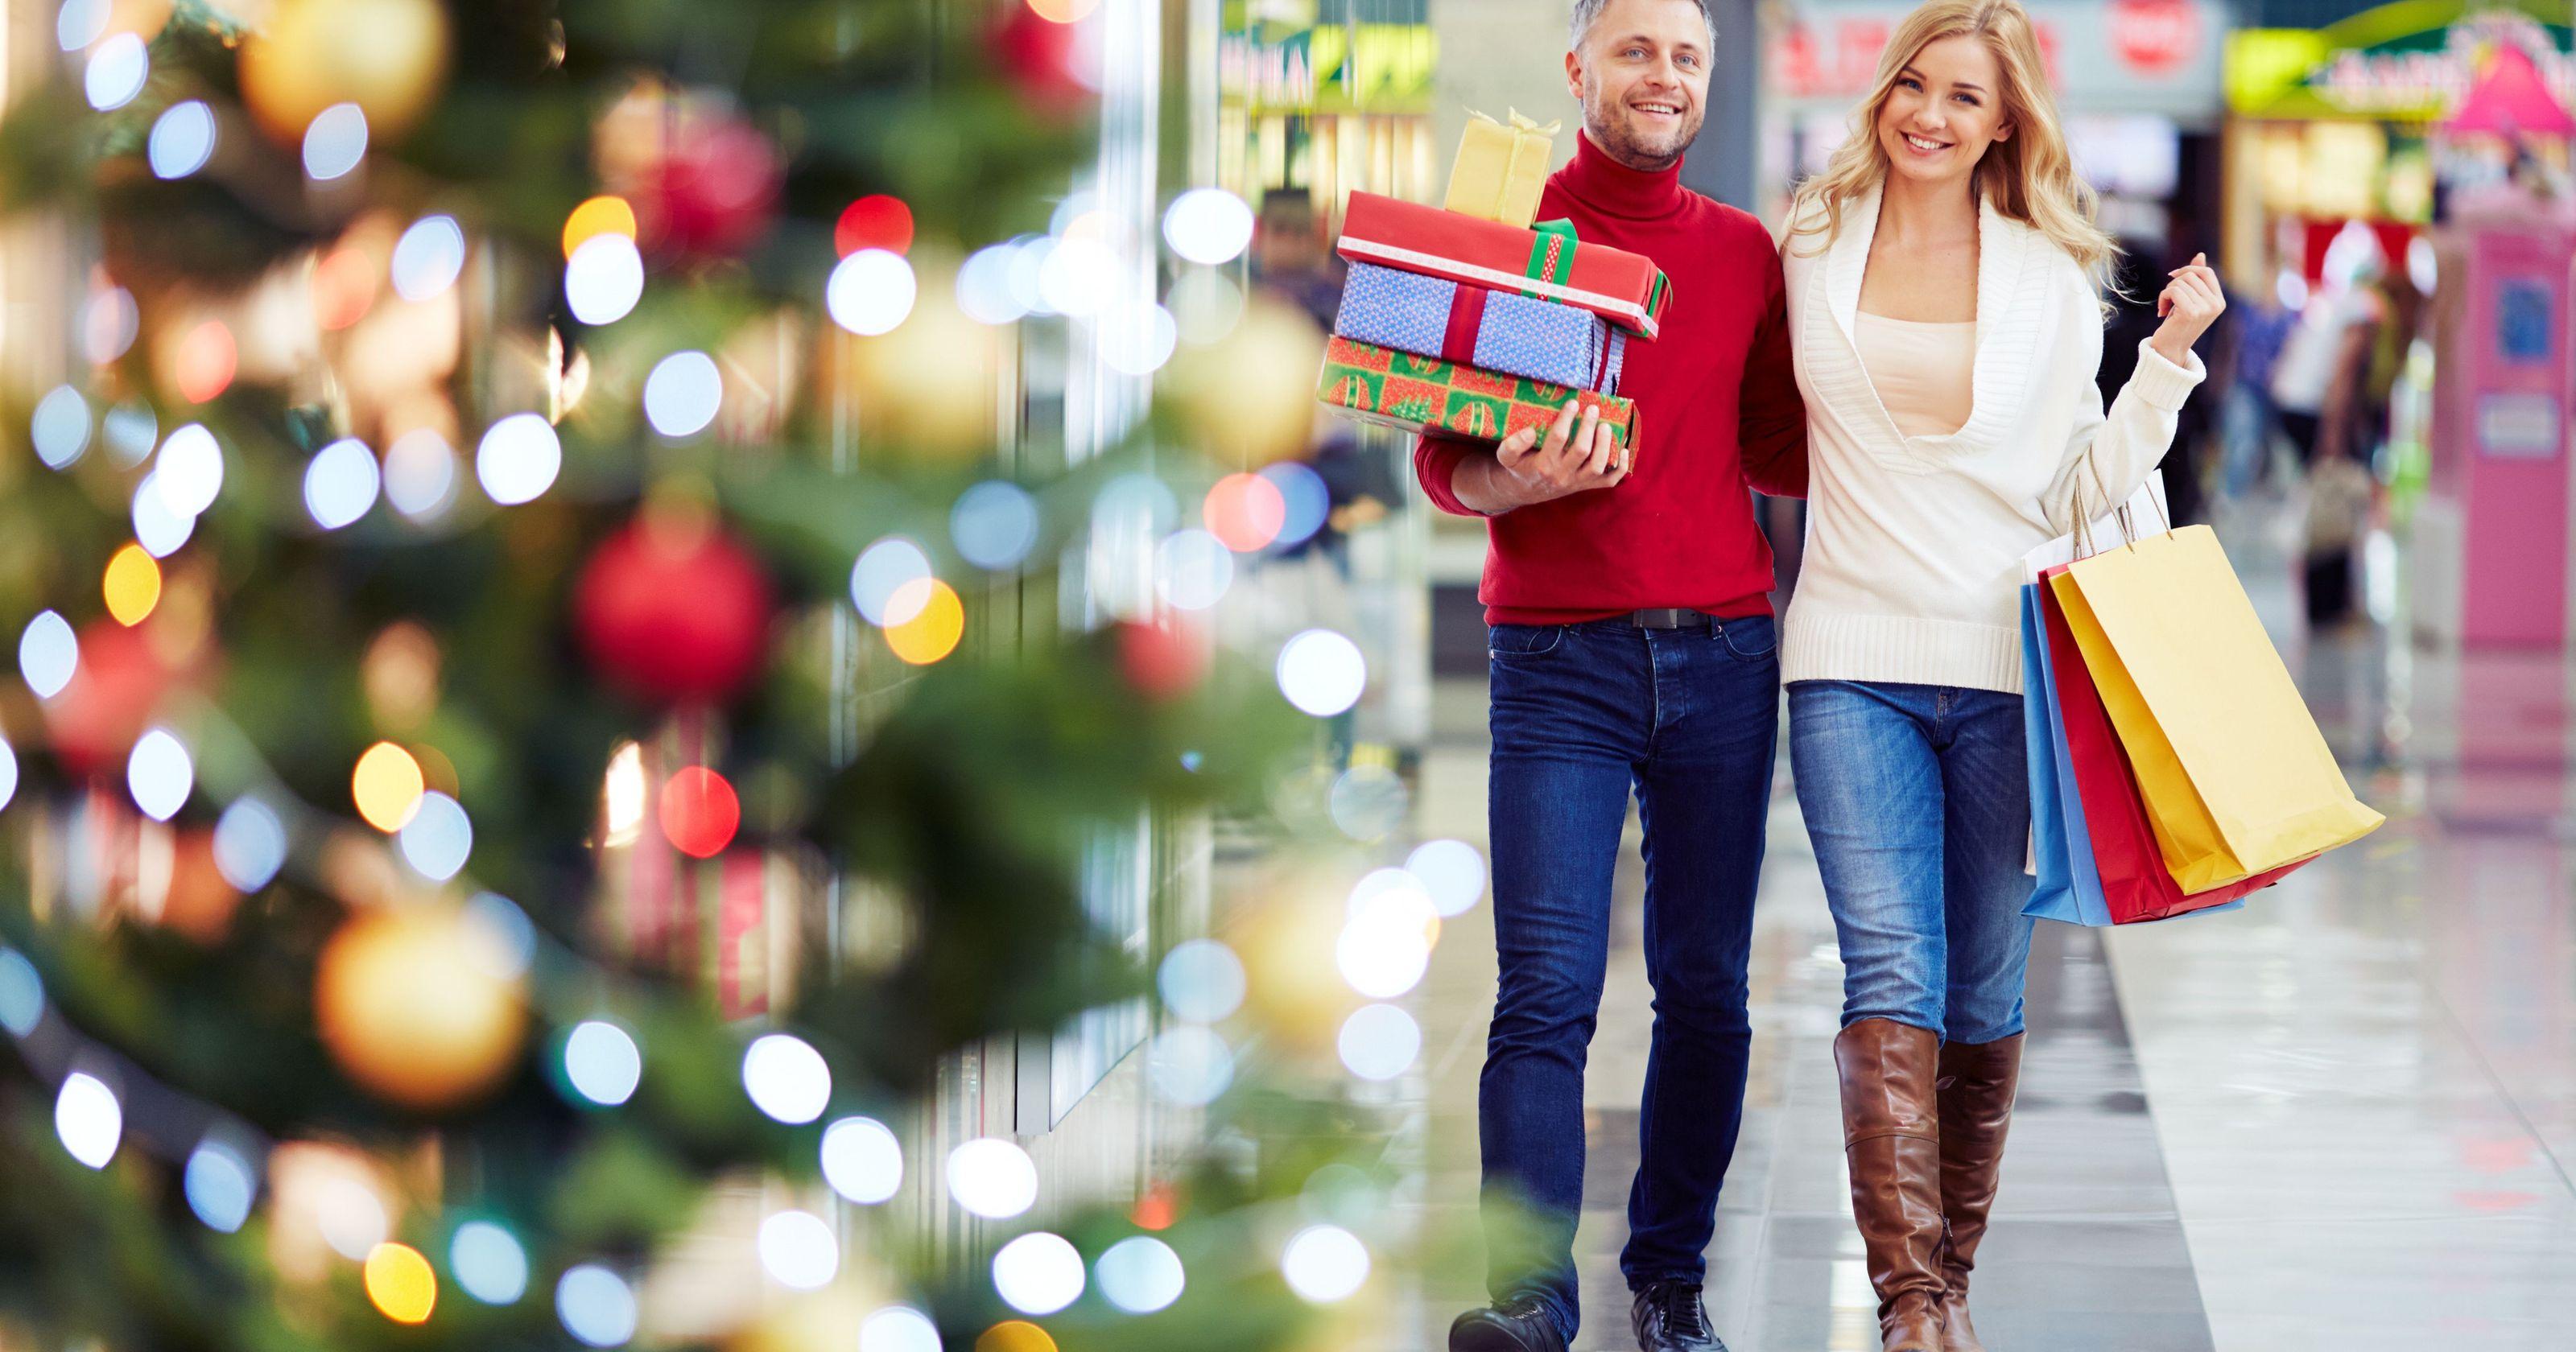 Πως θα λειτουργήσουν τα καταστήματα την περίοδο των εορτών